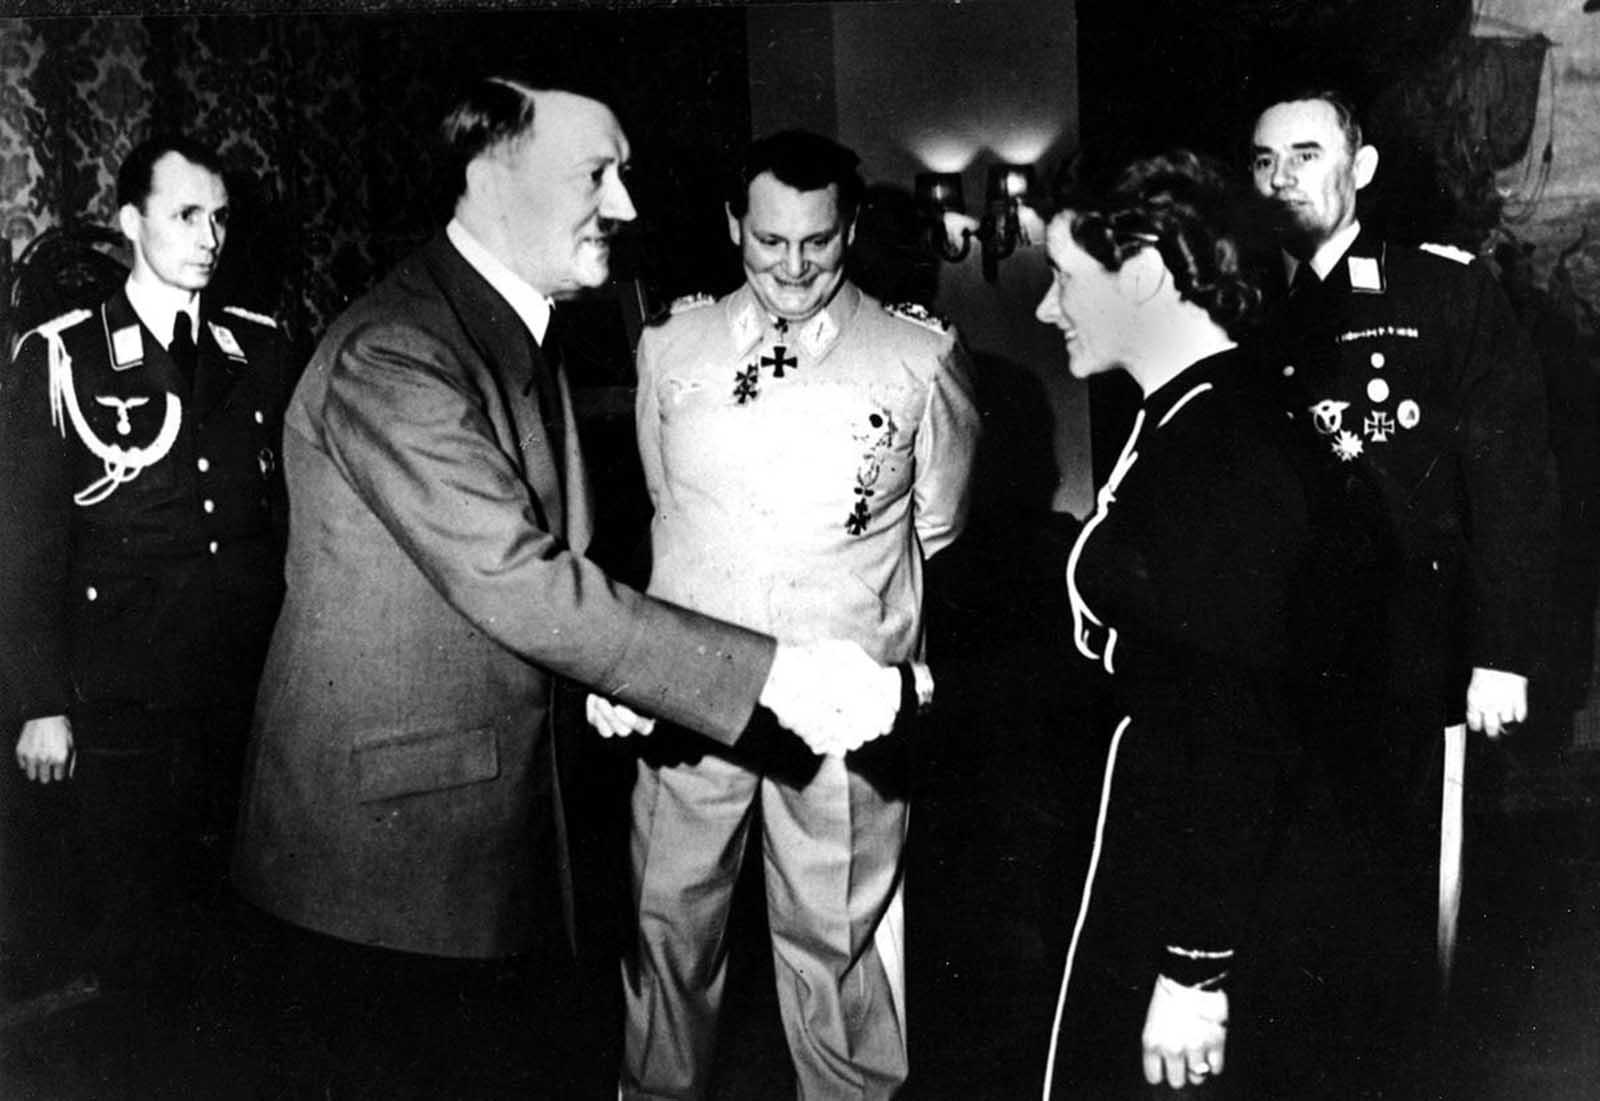 Април 1941 г.: Адолф Хитлер стиска ръката на жена - авиаторката капитан Ханна Райтш, и я награждава с Железен кръст за изключителни заслуги във войната.